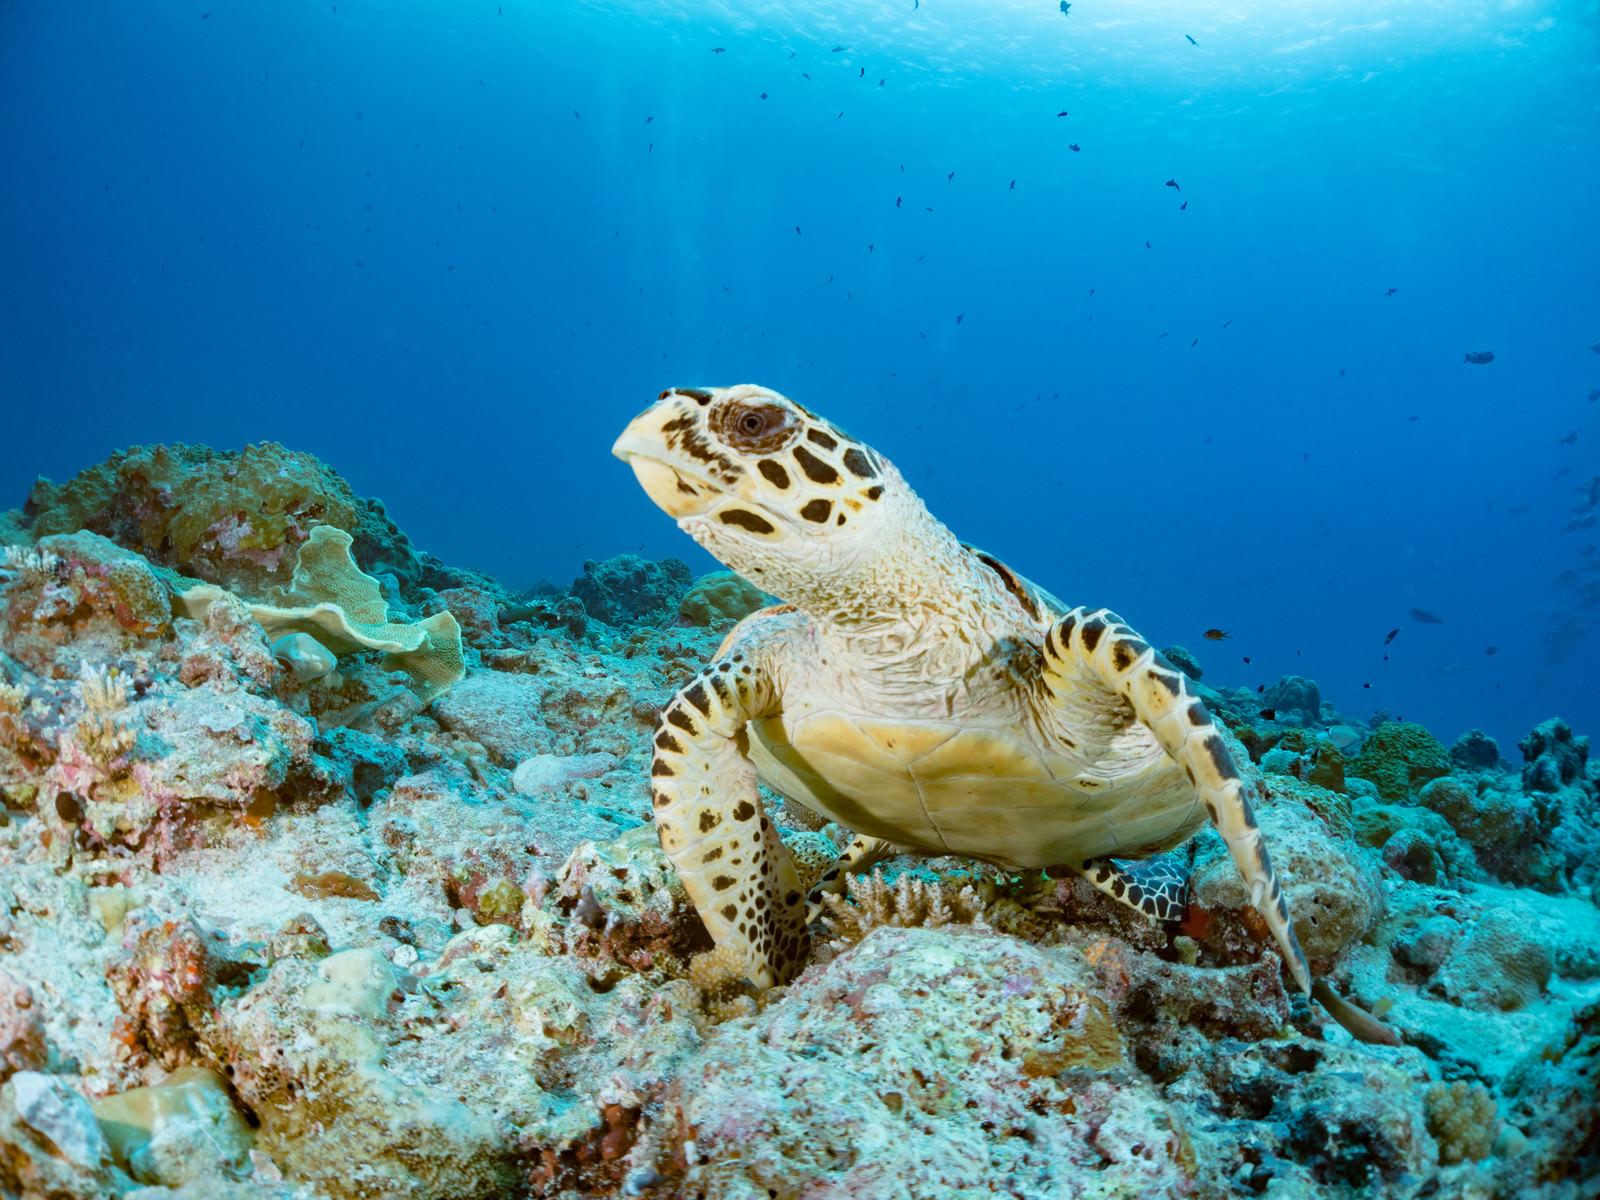 「ゆっくりと泳ぎだすタイマイ(ウミガメ)」の写真